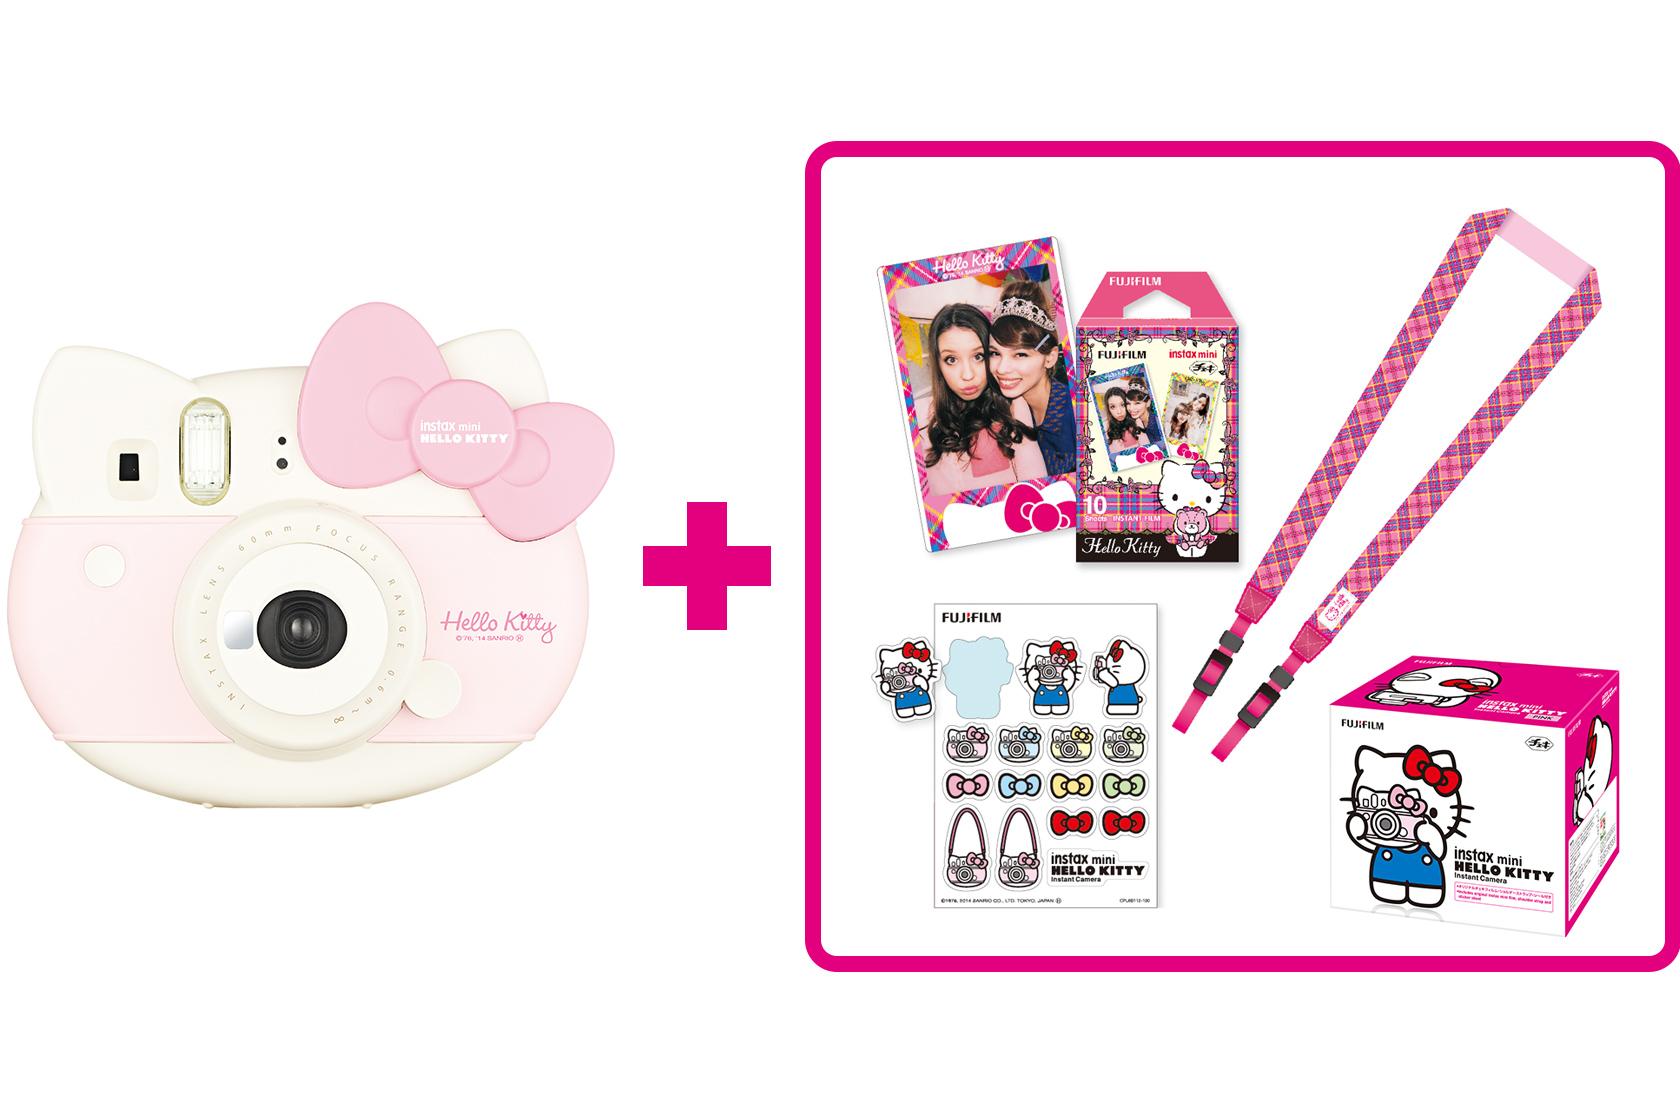 [photo] Instax mini Hello Kitty Camera in white plus accessories